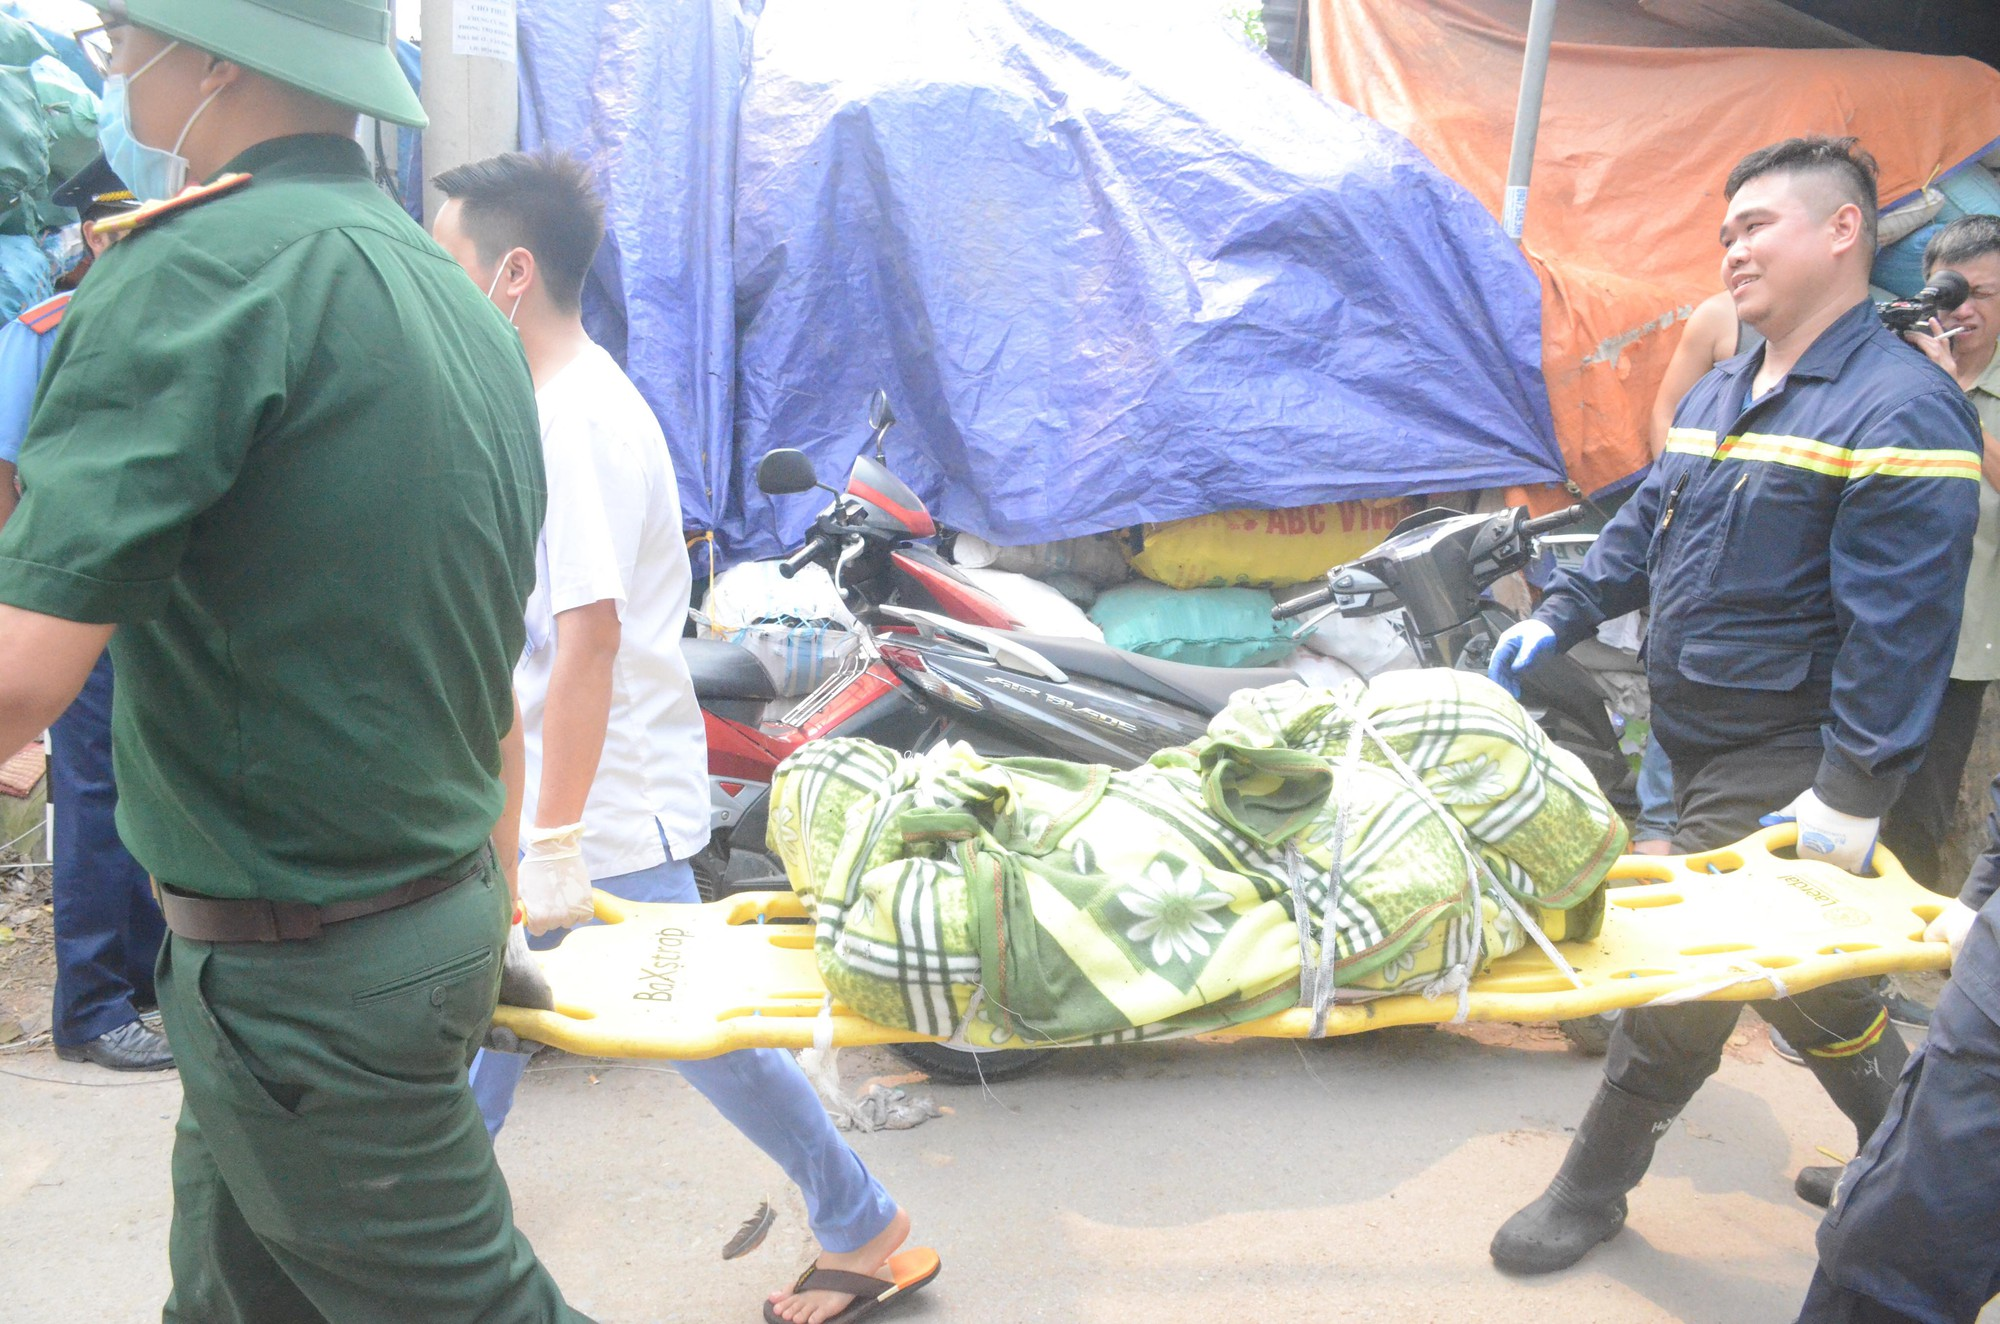 Nhói lòng cảnh tượng mẹ và 2 con nhỏ chết cháy trong tư thế ôm nhau sau vụ hỏa hoạn kinh hoàng ở Hà Nội - Ảnh 1.